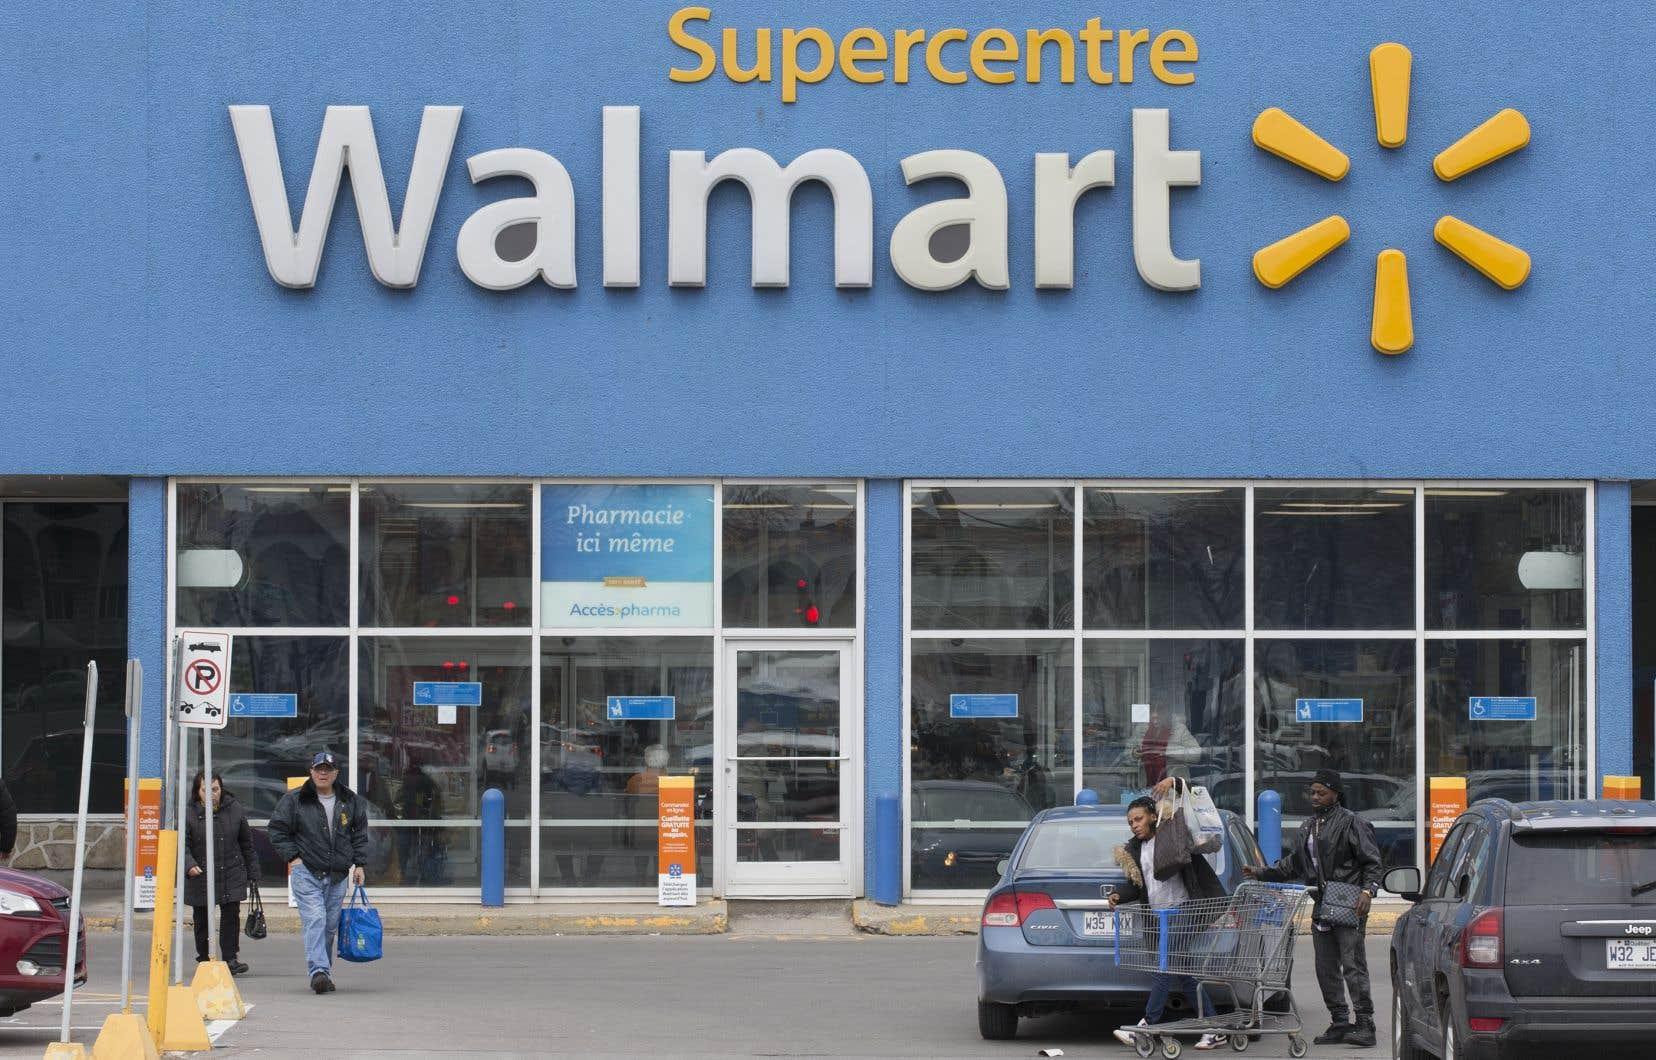 Walmartcroit qu'il s'agit d'un programme bonifié mieux adapté à la réalité des personnes ayant un trouble du développement.